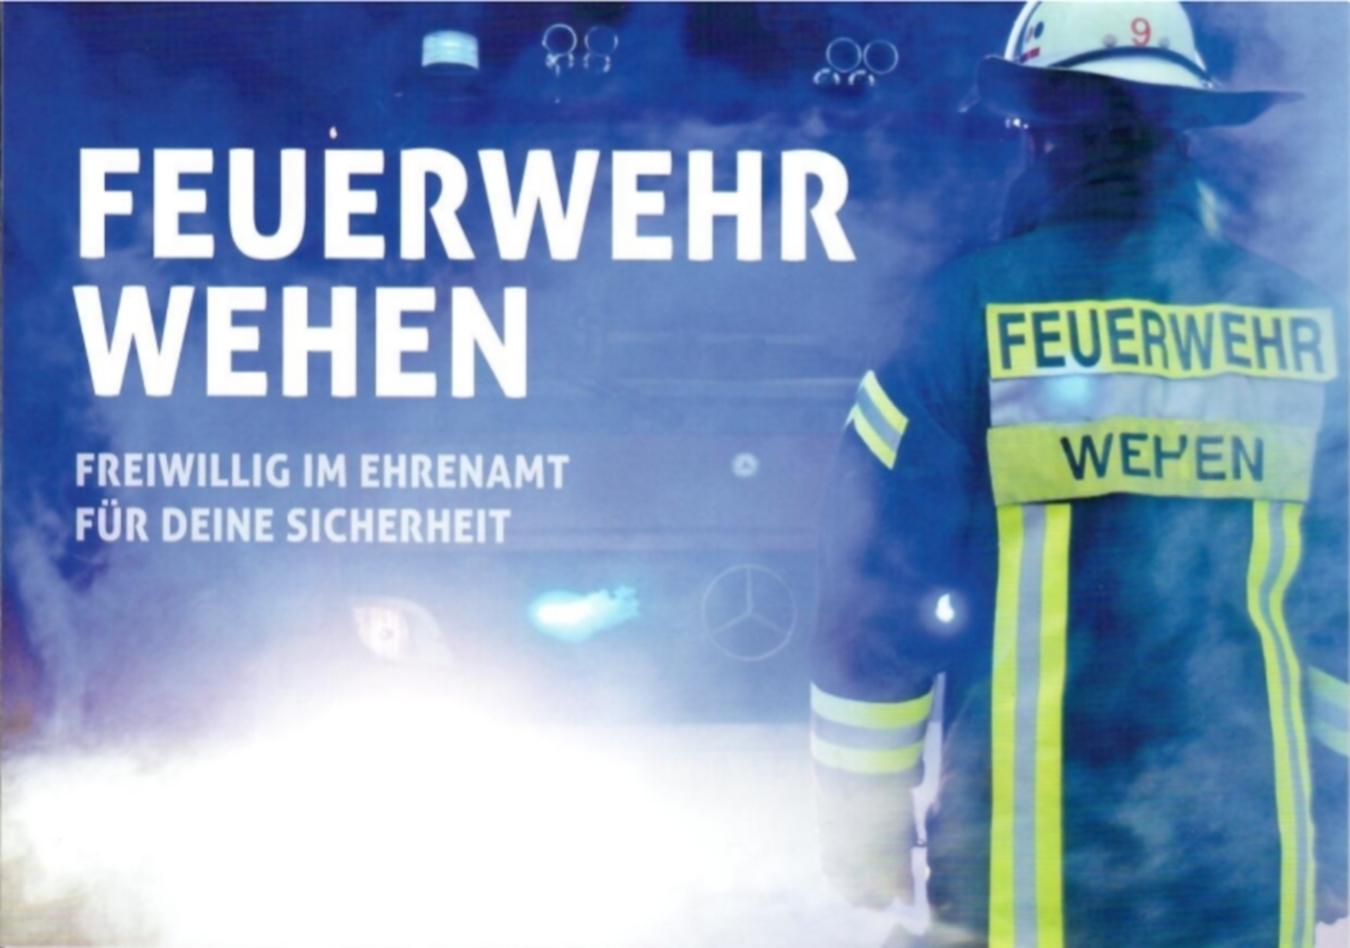 Feuerwehr Wehen 1890 e.V